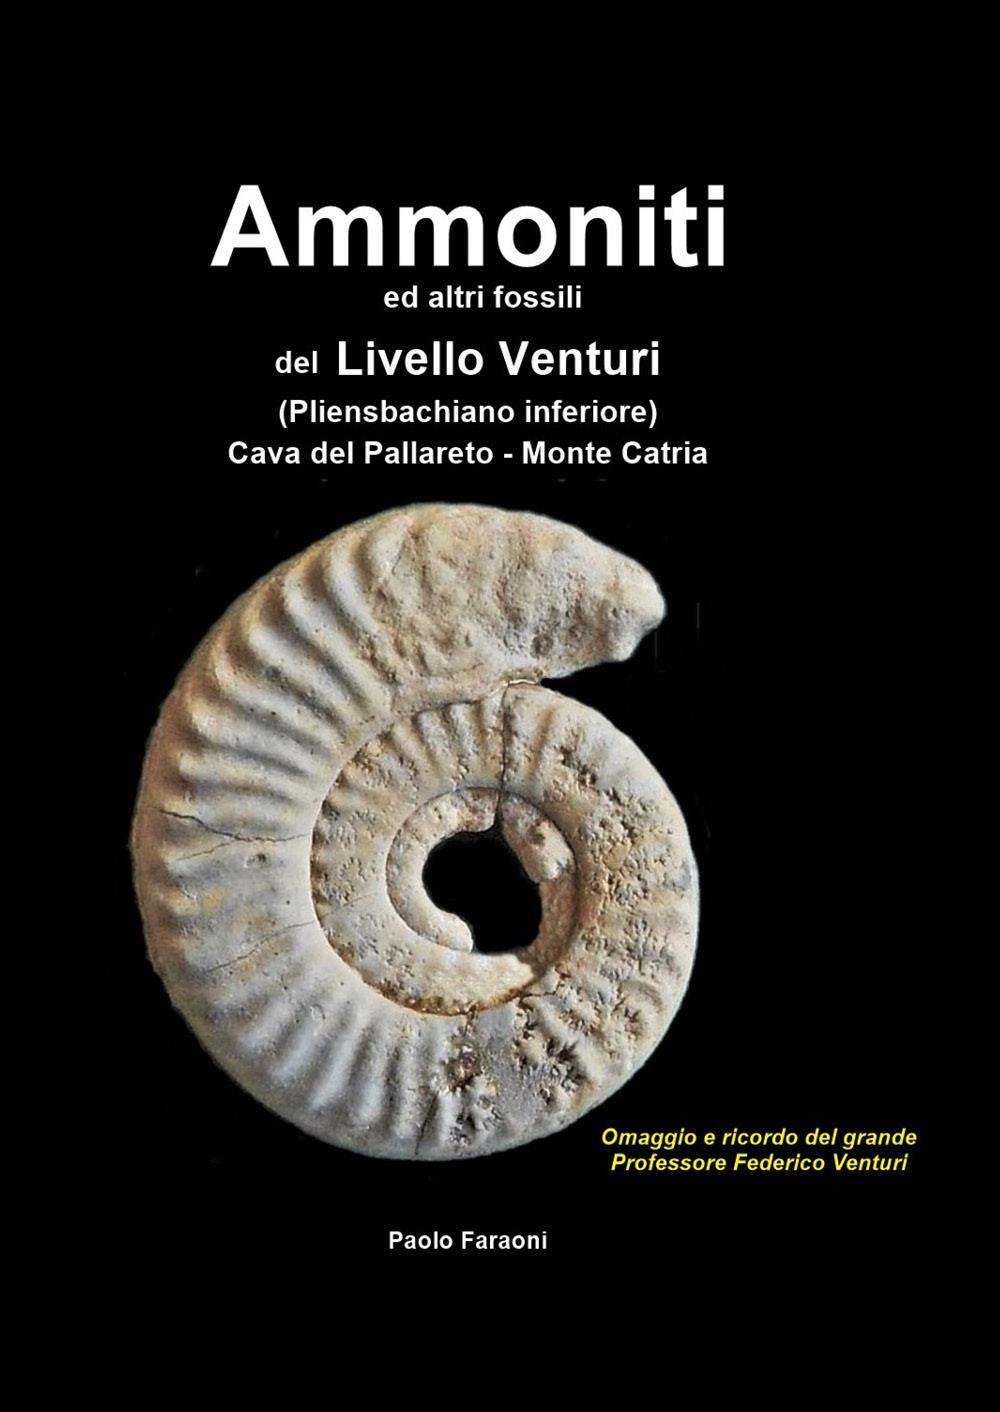 Ammoniti ed altri fossili delLivello Venturi (Pliensbachiano inferiore)